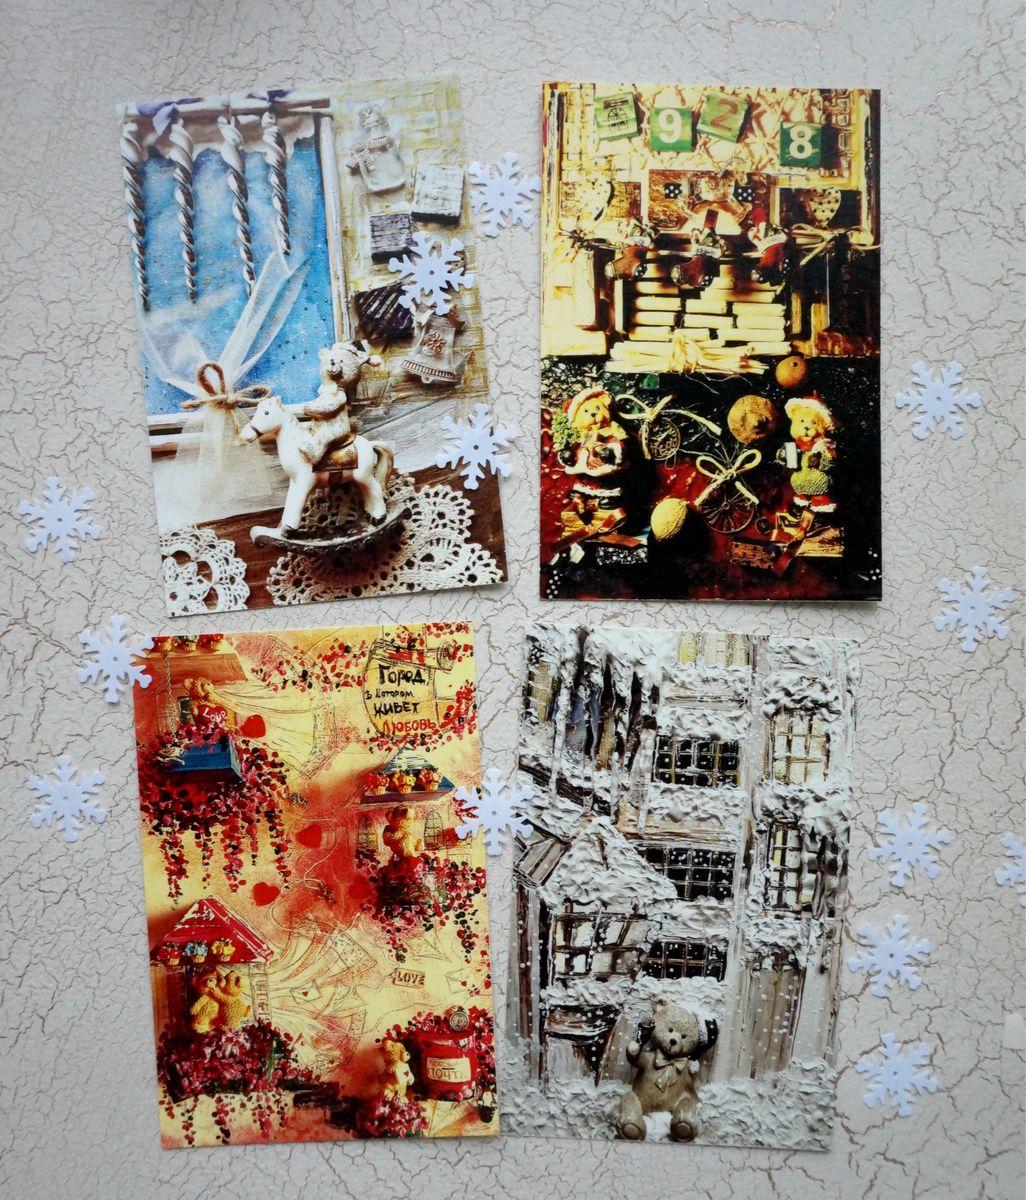 Набор открыток Истории игрушек. Сахарные мишки, 4 штНОИИСМПрелестные авторские открытки из набора Сахарные мишки для теплого, уютного настроения. Набор открыток Сахарные мишки очаровательный, милый и романтичный. С налетом винтажности и времени. Каждая открыточка это особое настроение, это нежность теплого снега и кремовые оттенки зимних историй маленьких игрушечных медвежат. Каждая открытка имеет сладкие ванильный, шоколадный, кремовый, карамельный оттенки и похожа на кусочек ароматного жженого сахара. Открытки напечатаны на фактурной льняной бумаге.